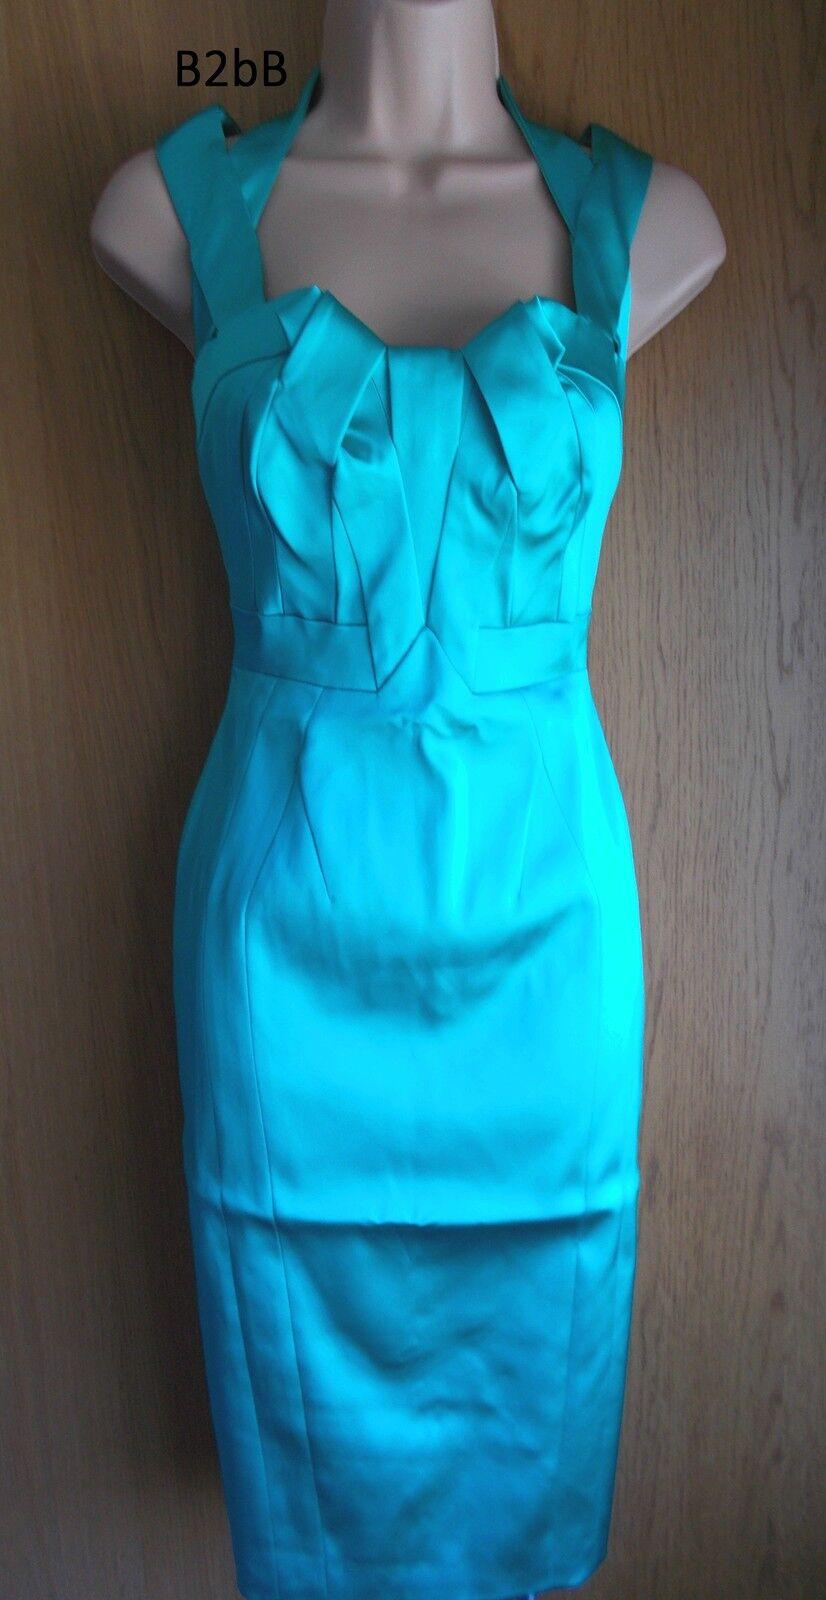 New Karen Millen turquoise signature satin satin satin evening pencil dress Sz RARE 2e13b4